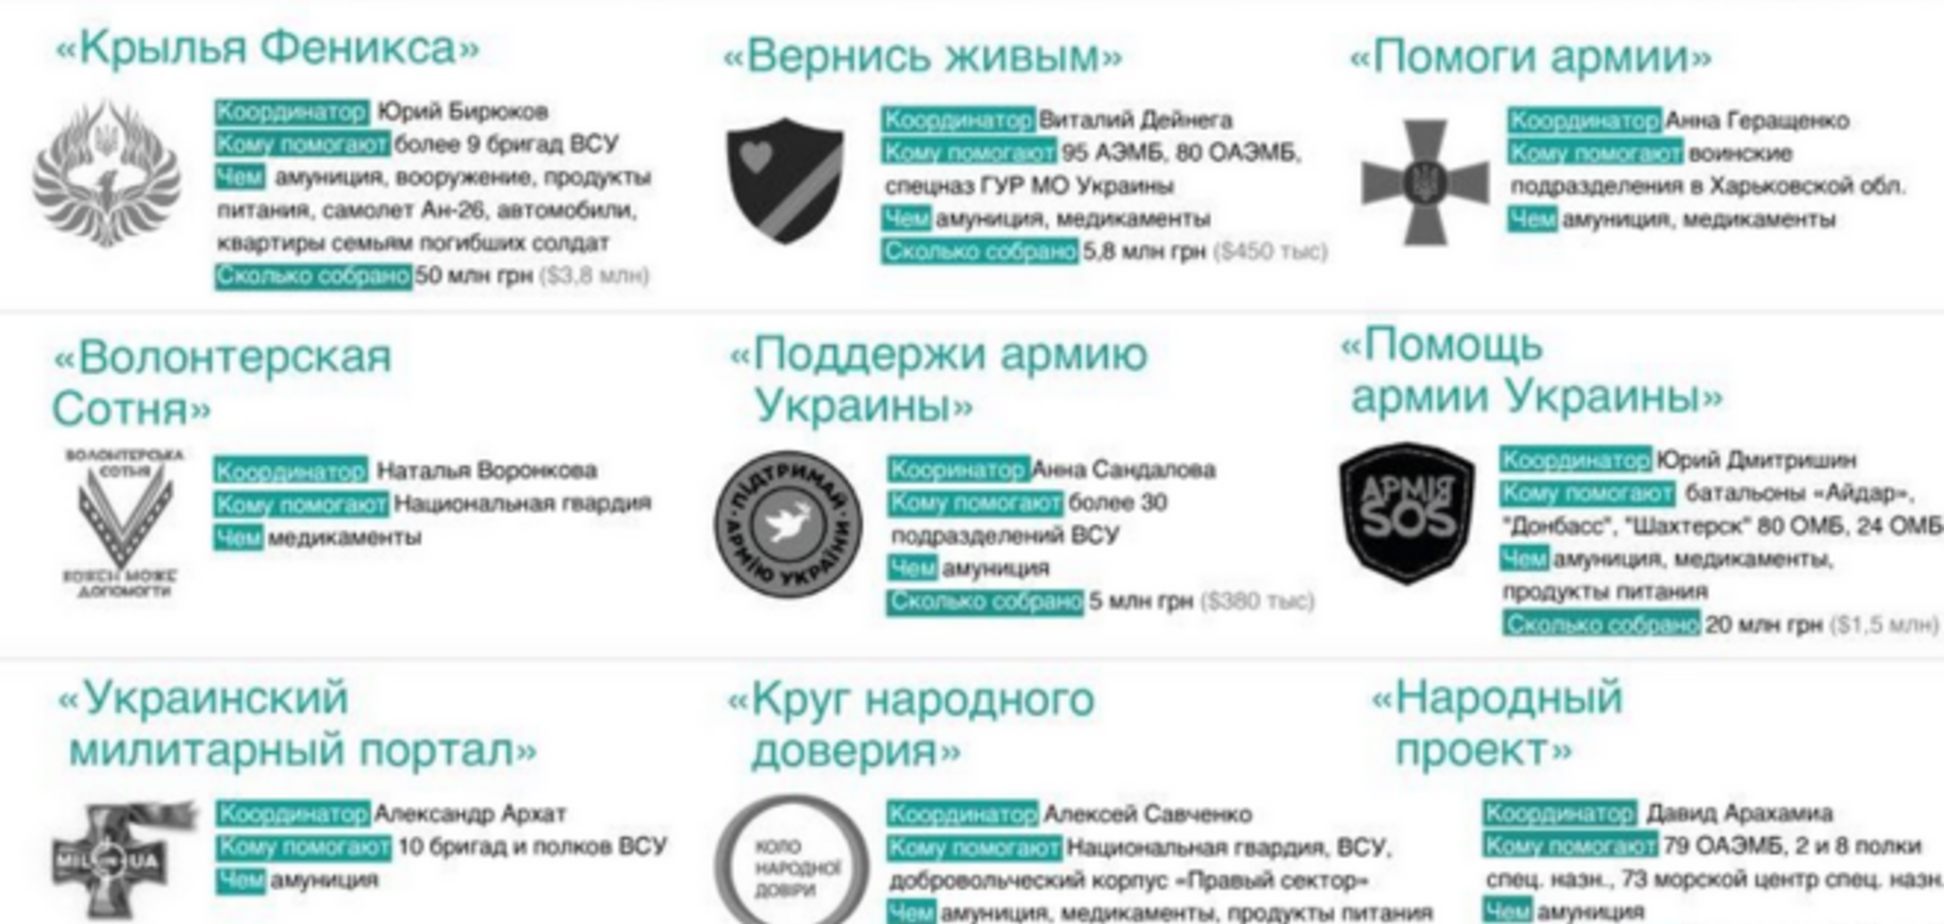 Кто оказывает помощь армии Украины? Инфографика